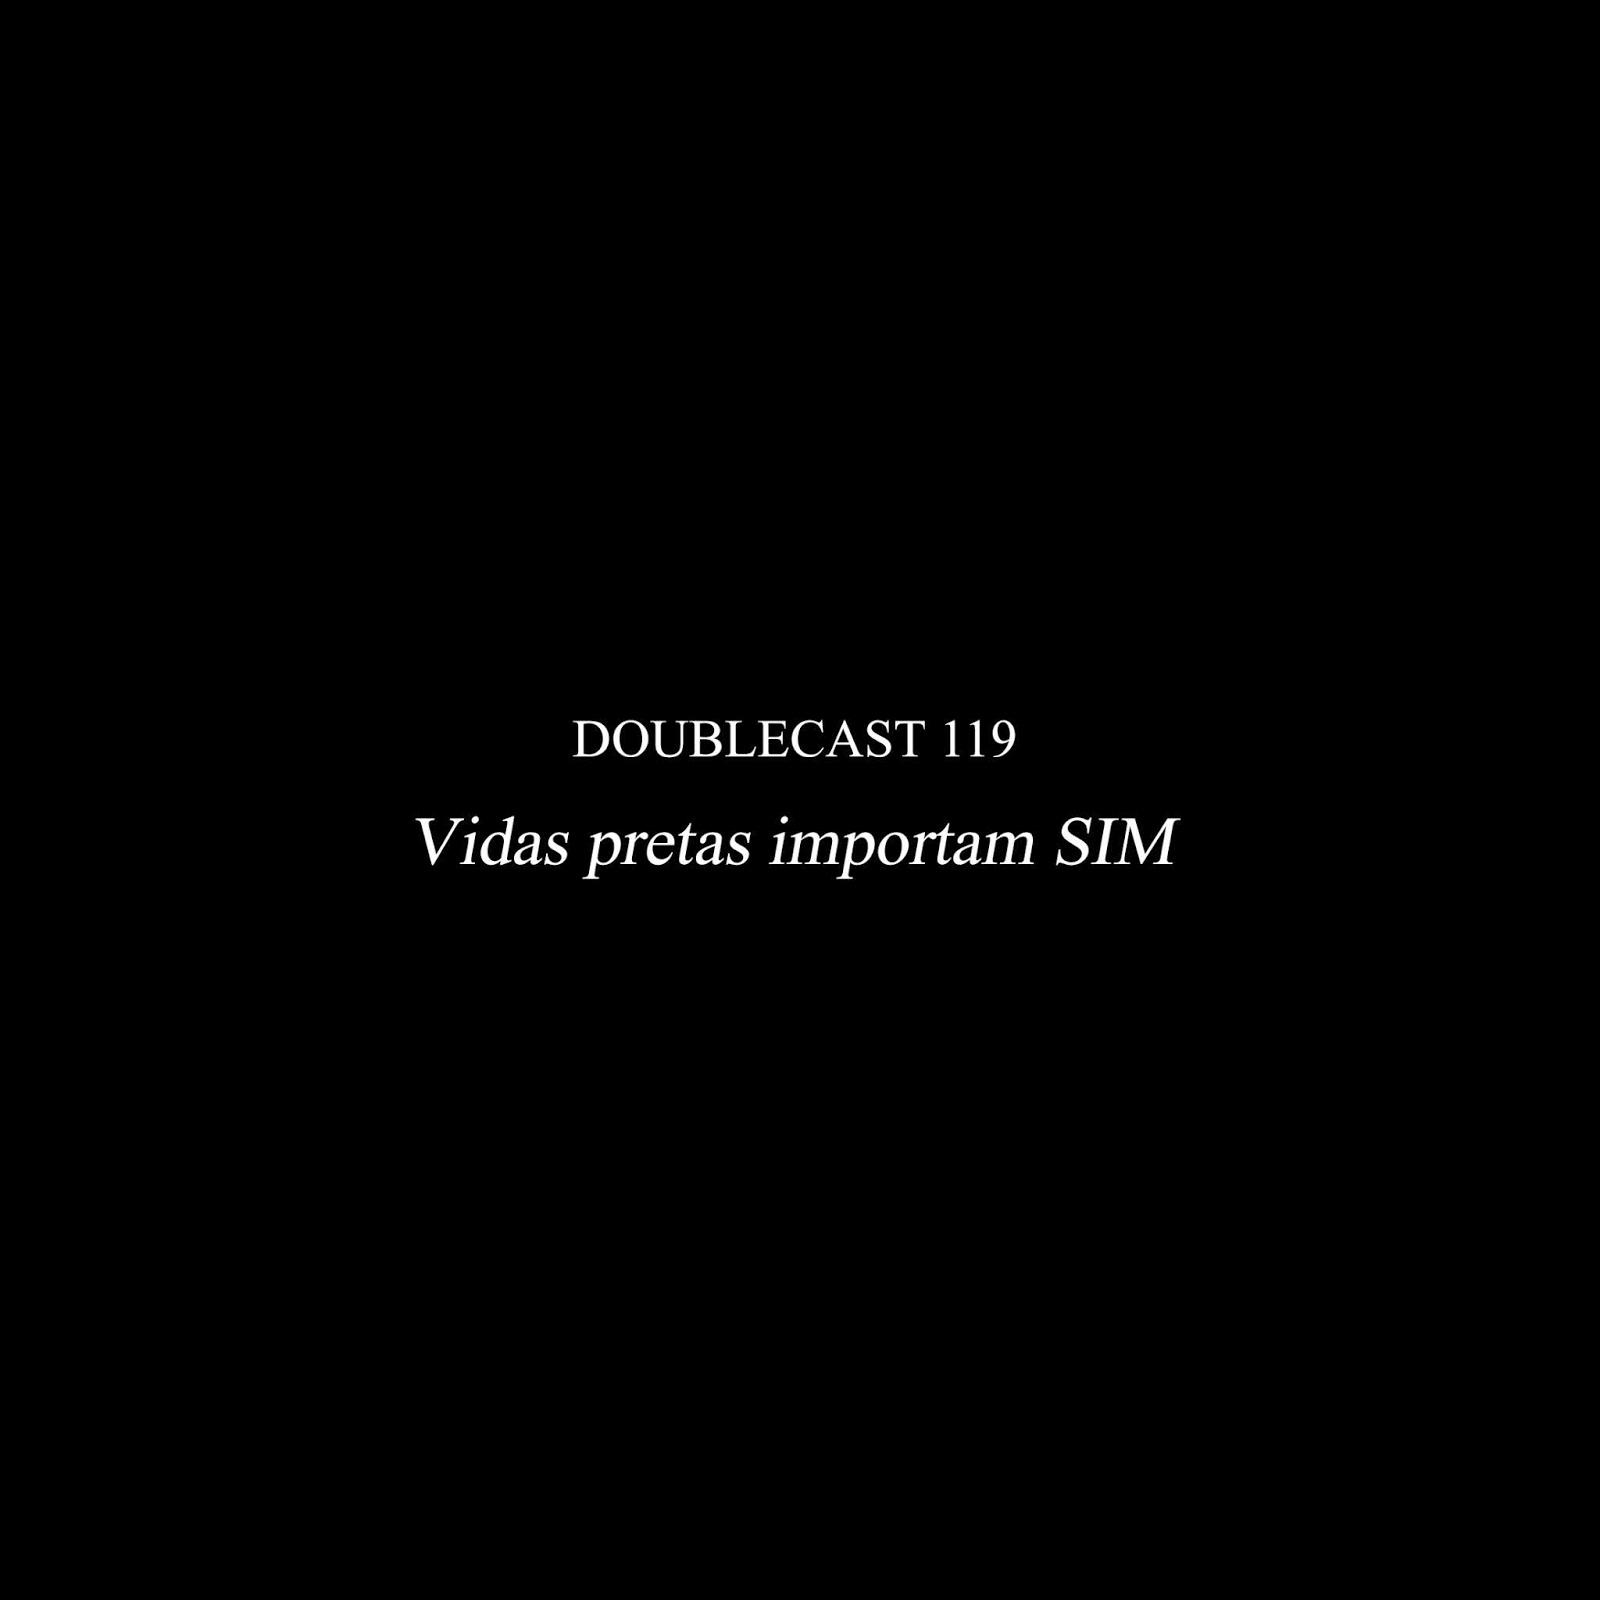 Doublecast 119 - Vidas pretas importam SIM